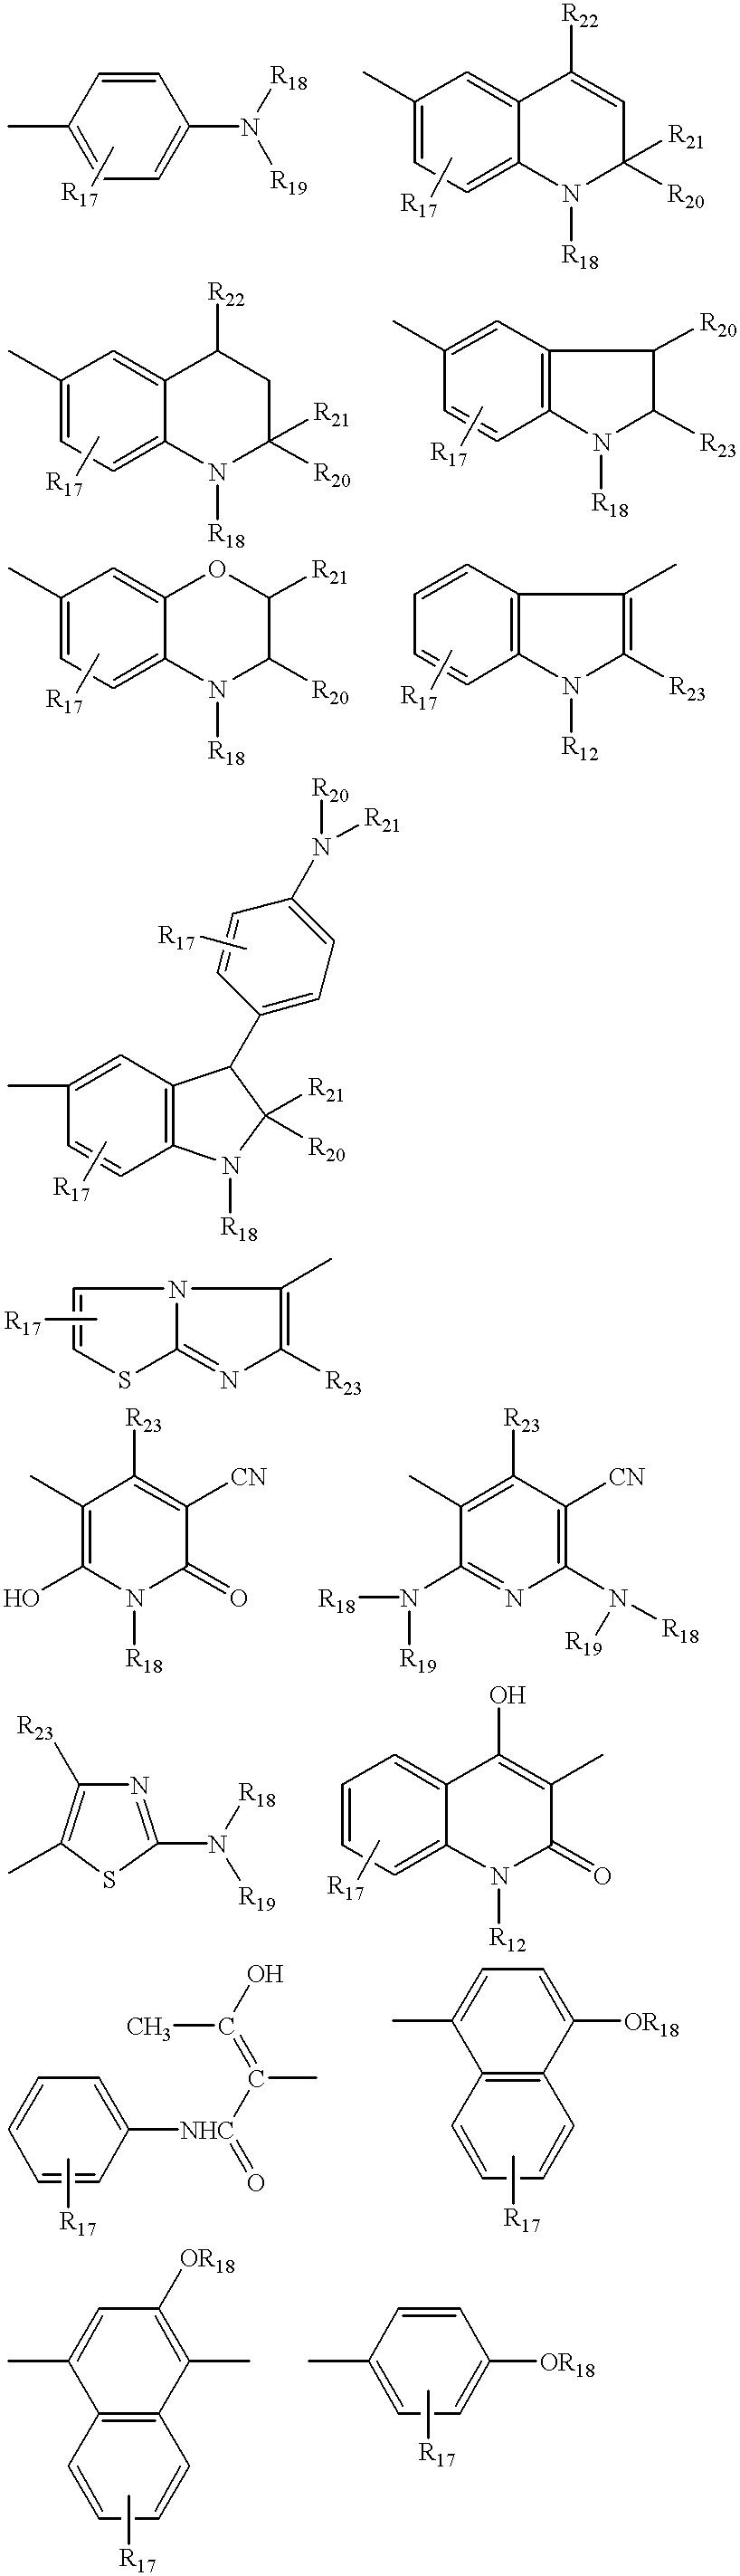 Figure US06776930-20040817-C00019